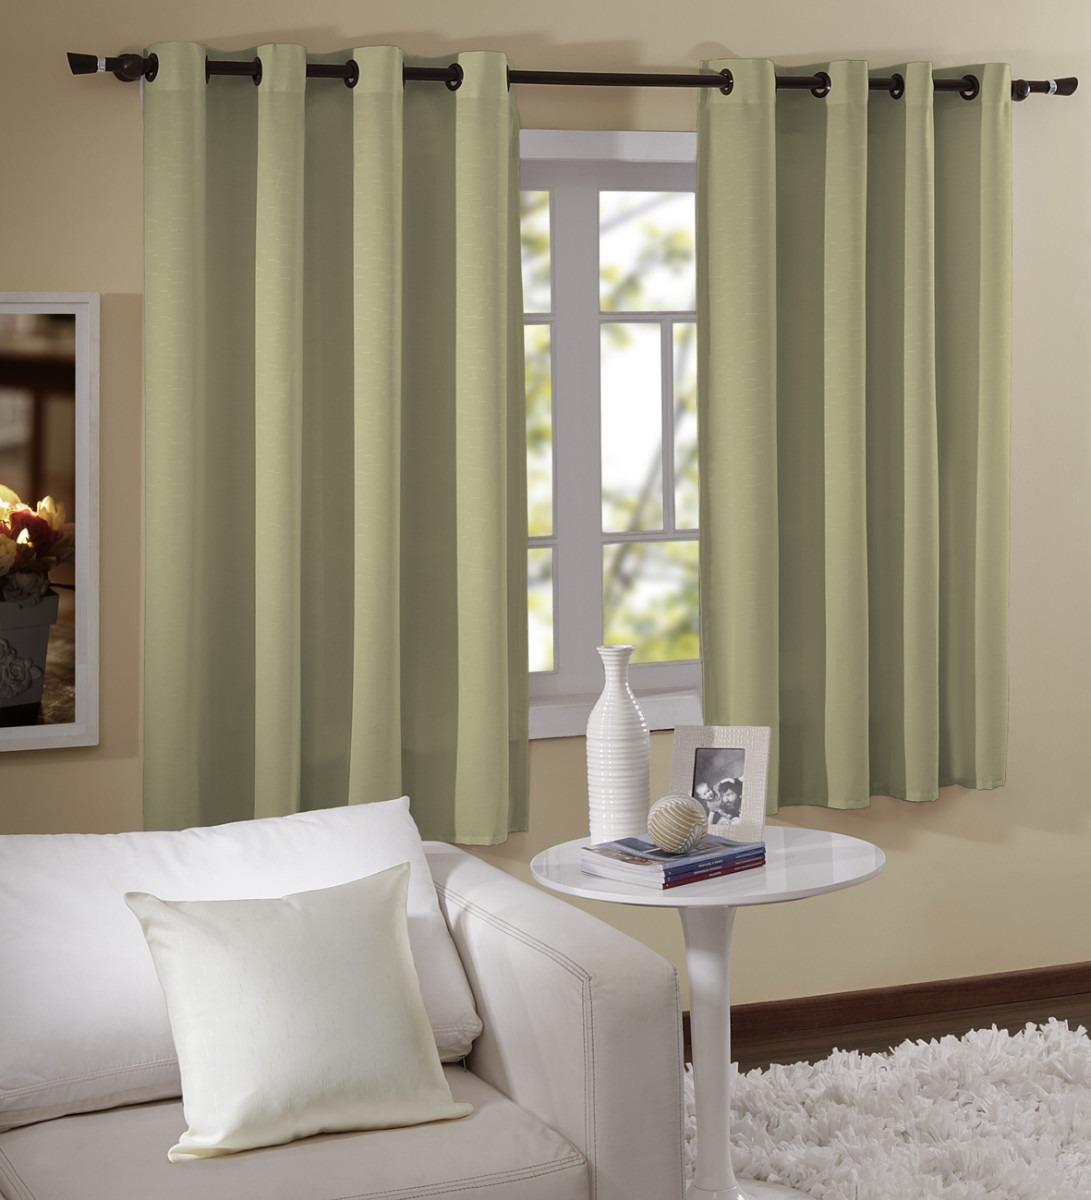 cortina para janela barcelona 1 80x2 00 melhor pre o do ml r 37 91 em mercado livre. Black Bedroom Furniture Sets. Home Design Ideas